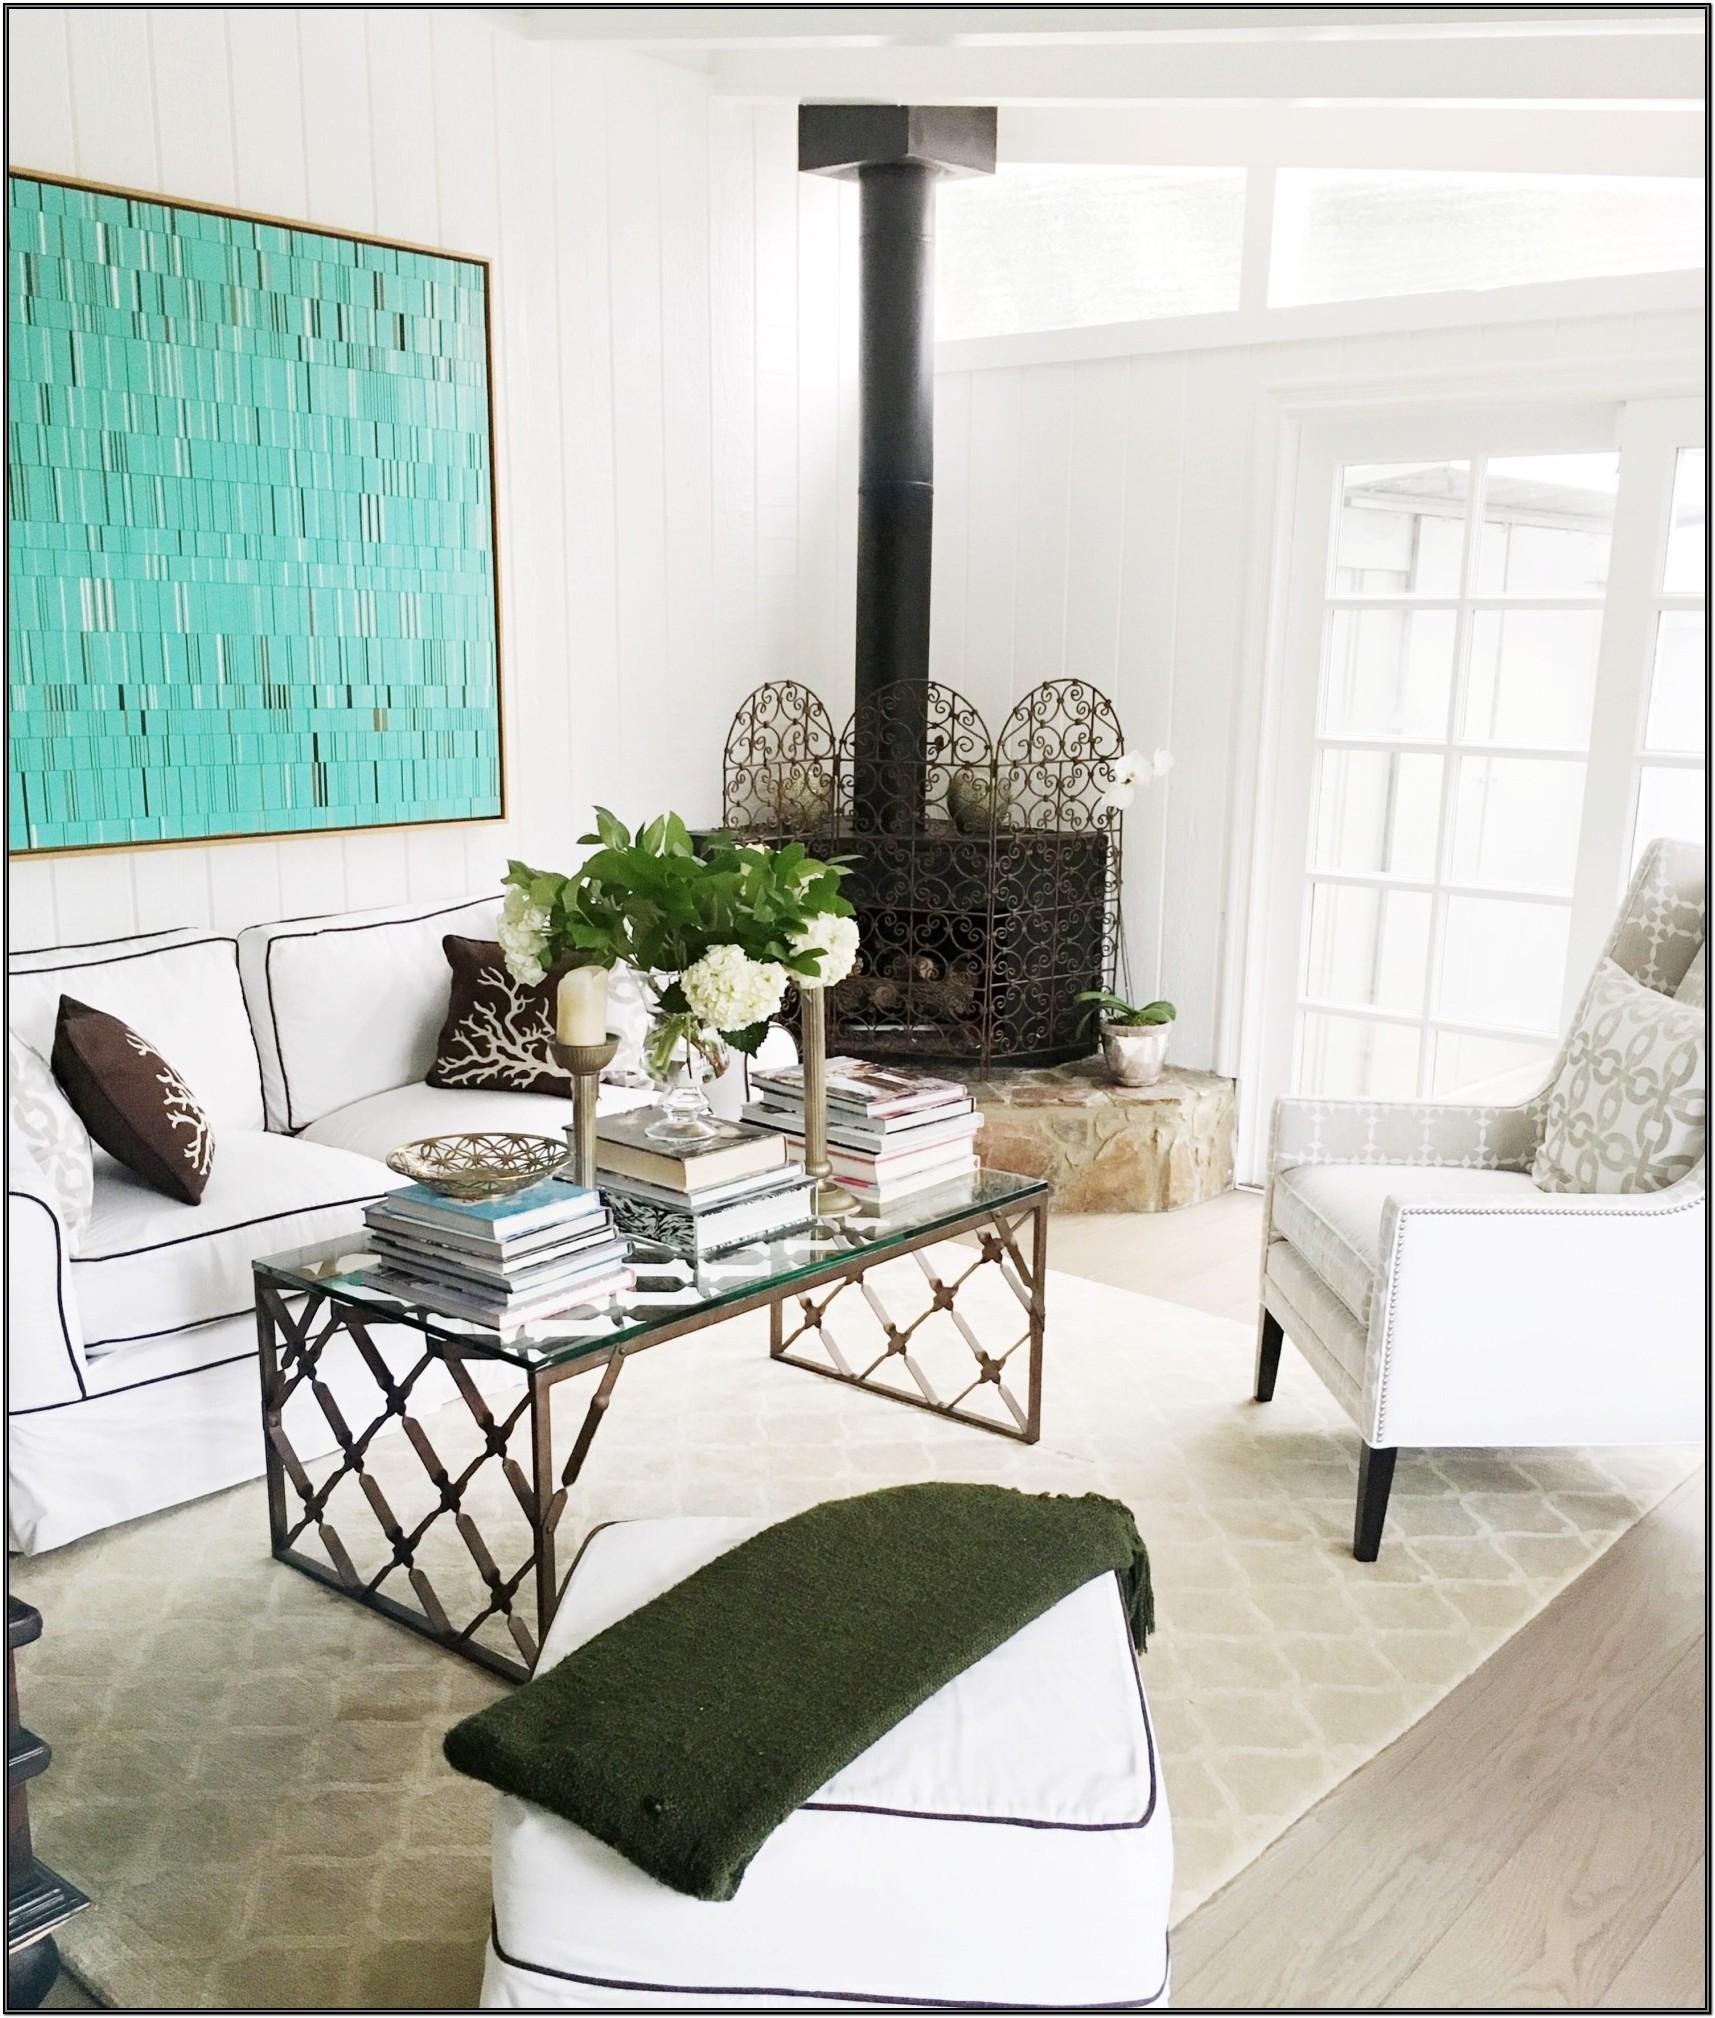 Flower Arrangement Ideas For Living Room